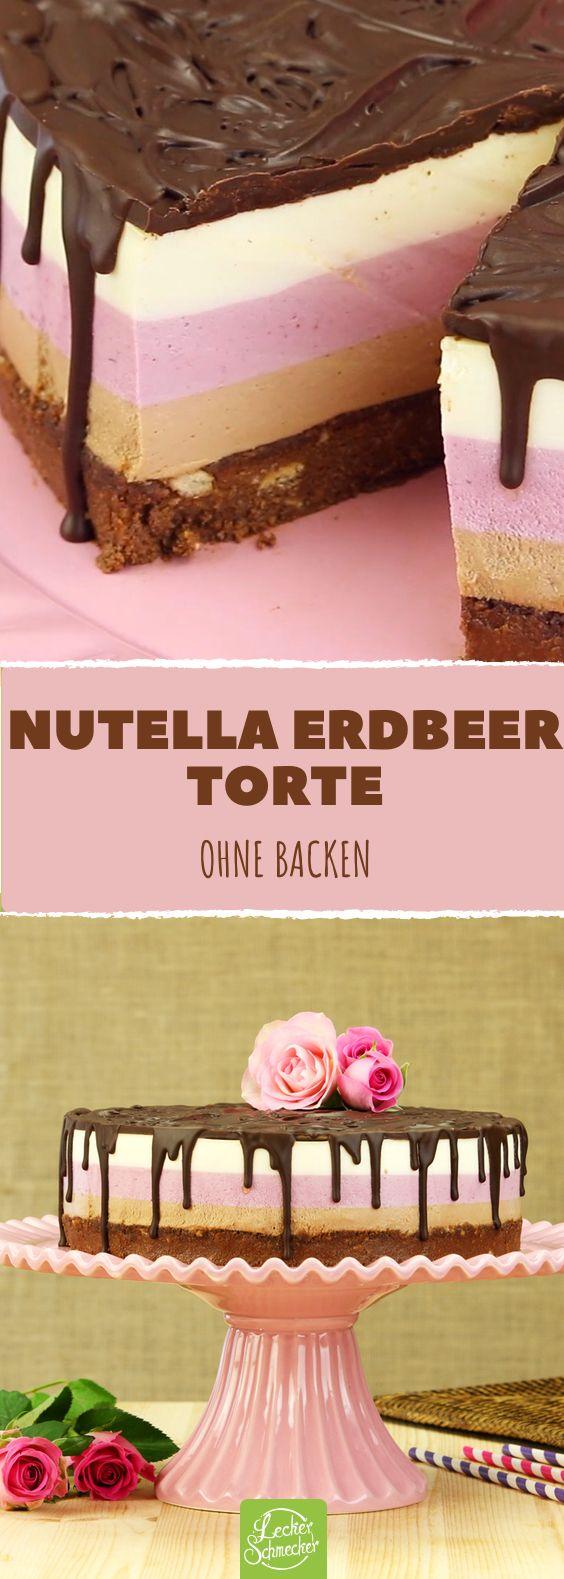 3 Schichten, 3 Farben, 3 Geschmacksrichtungen: Nutella ...